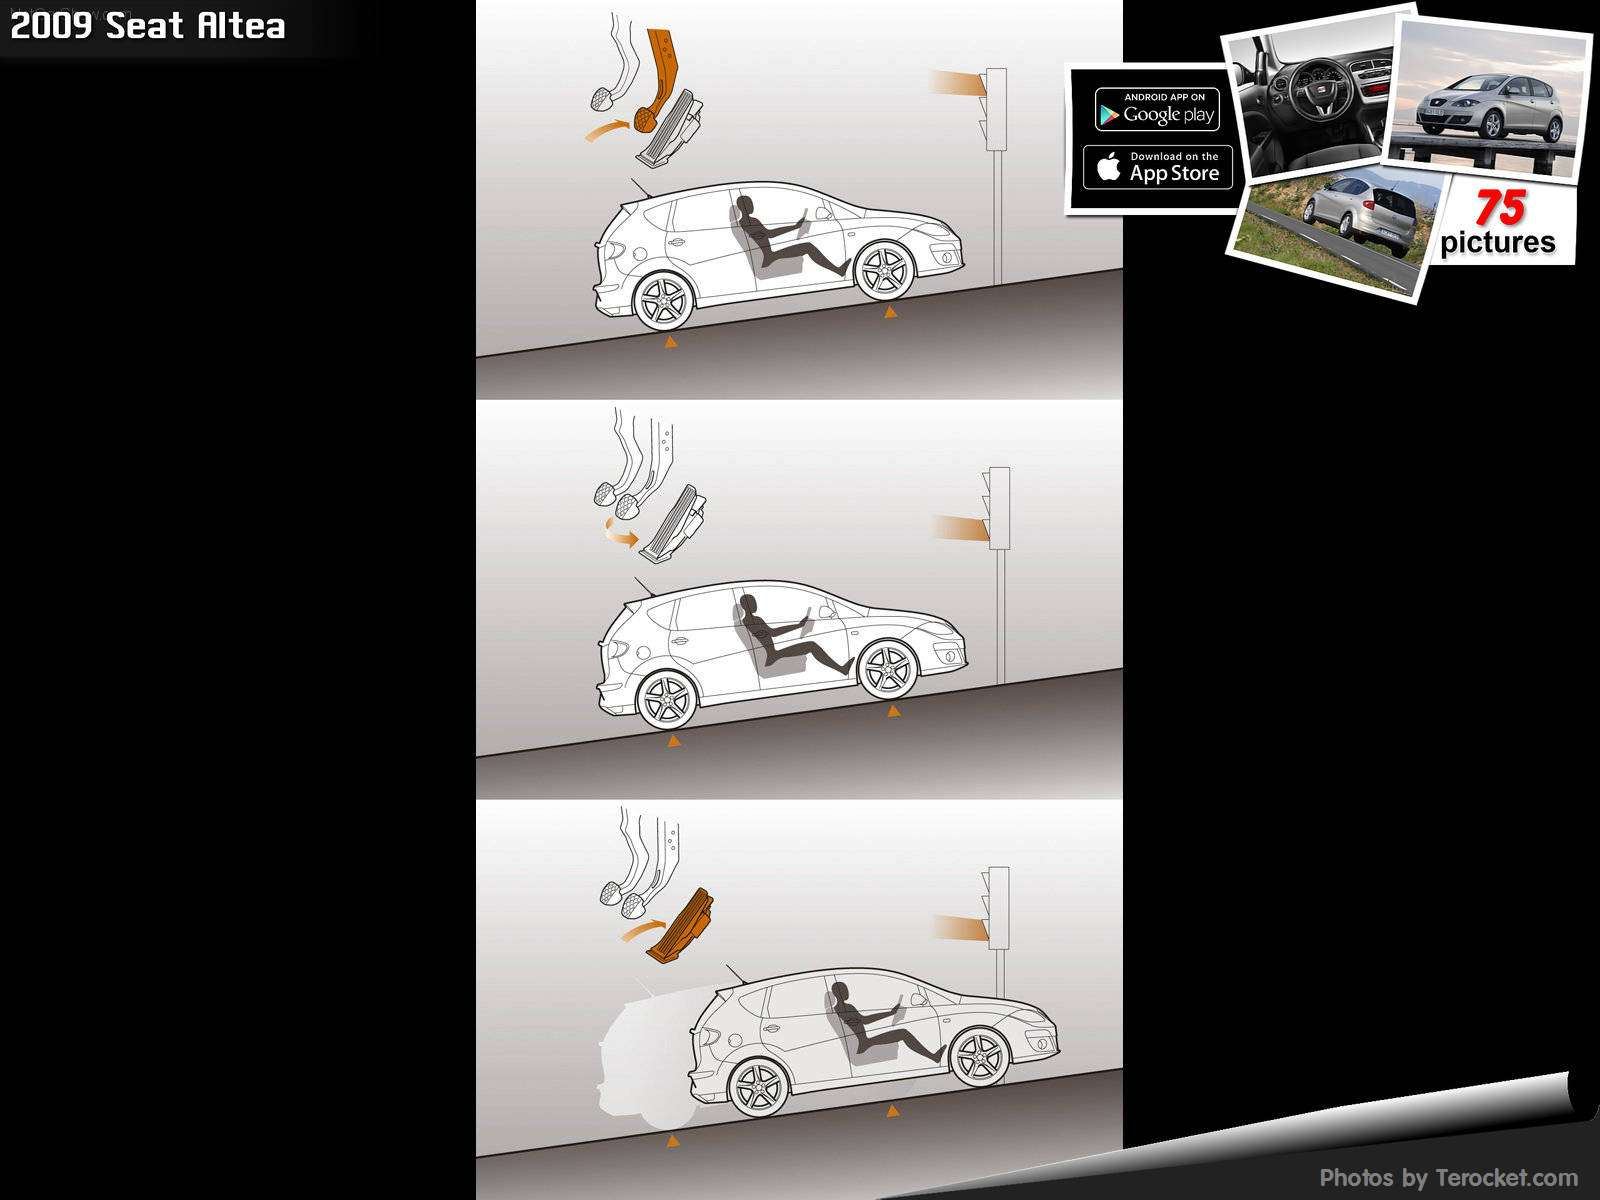 Hình ảnh xe ô tô Seat Altea 2009 & nội ngoại thất